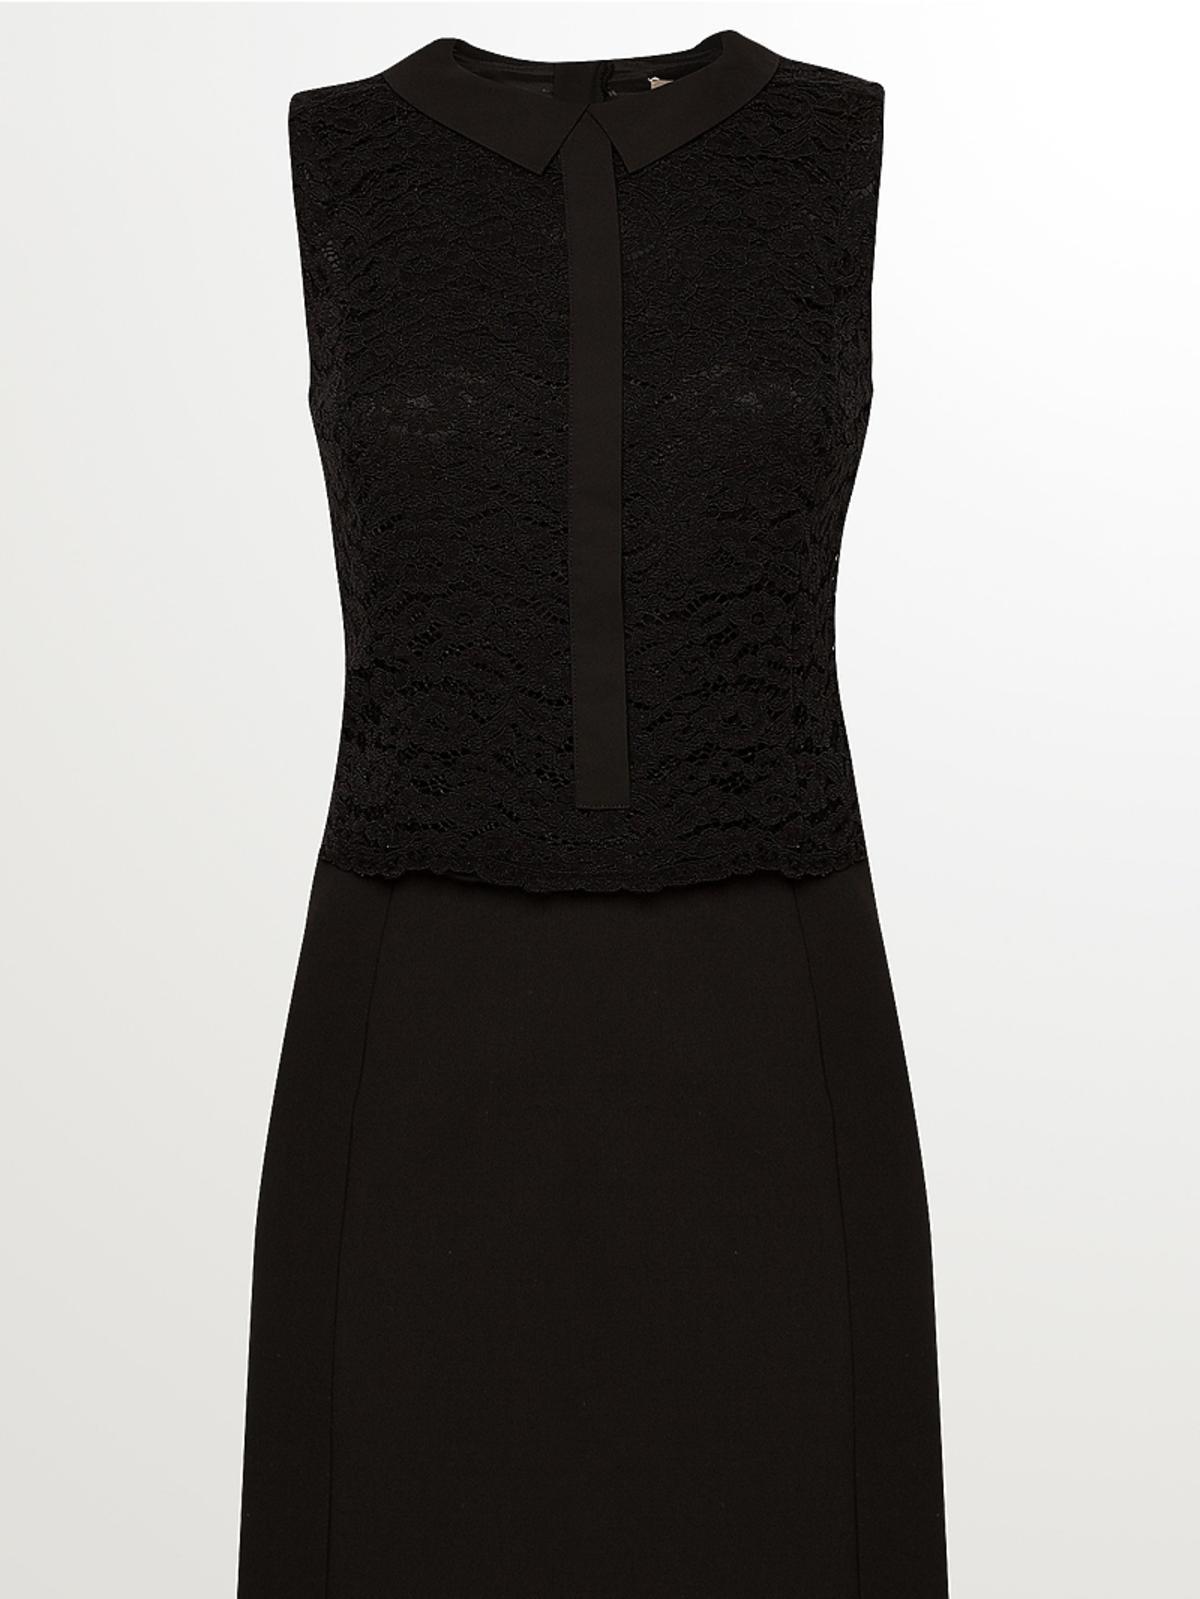 Czarna sukienka, Orsay, przeceniona ze 159,90 zł na 100,00 zł